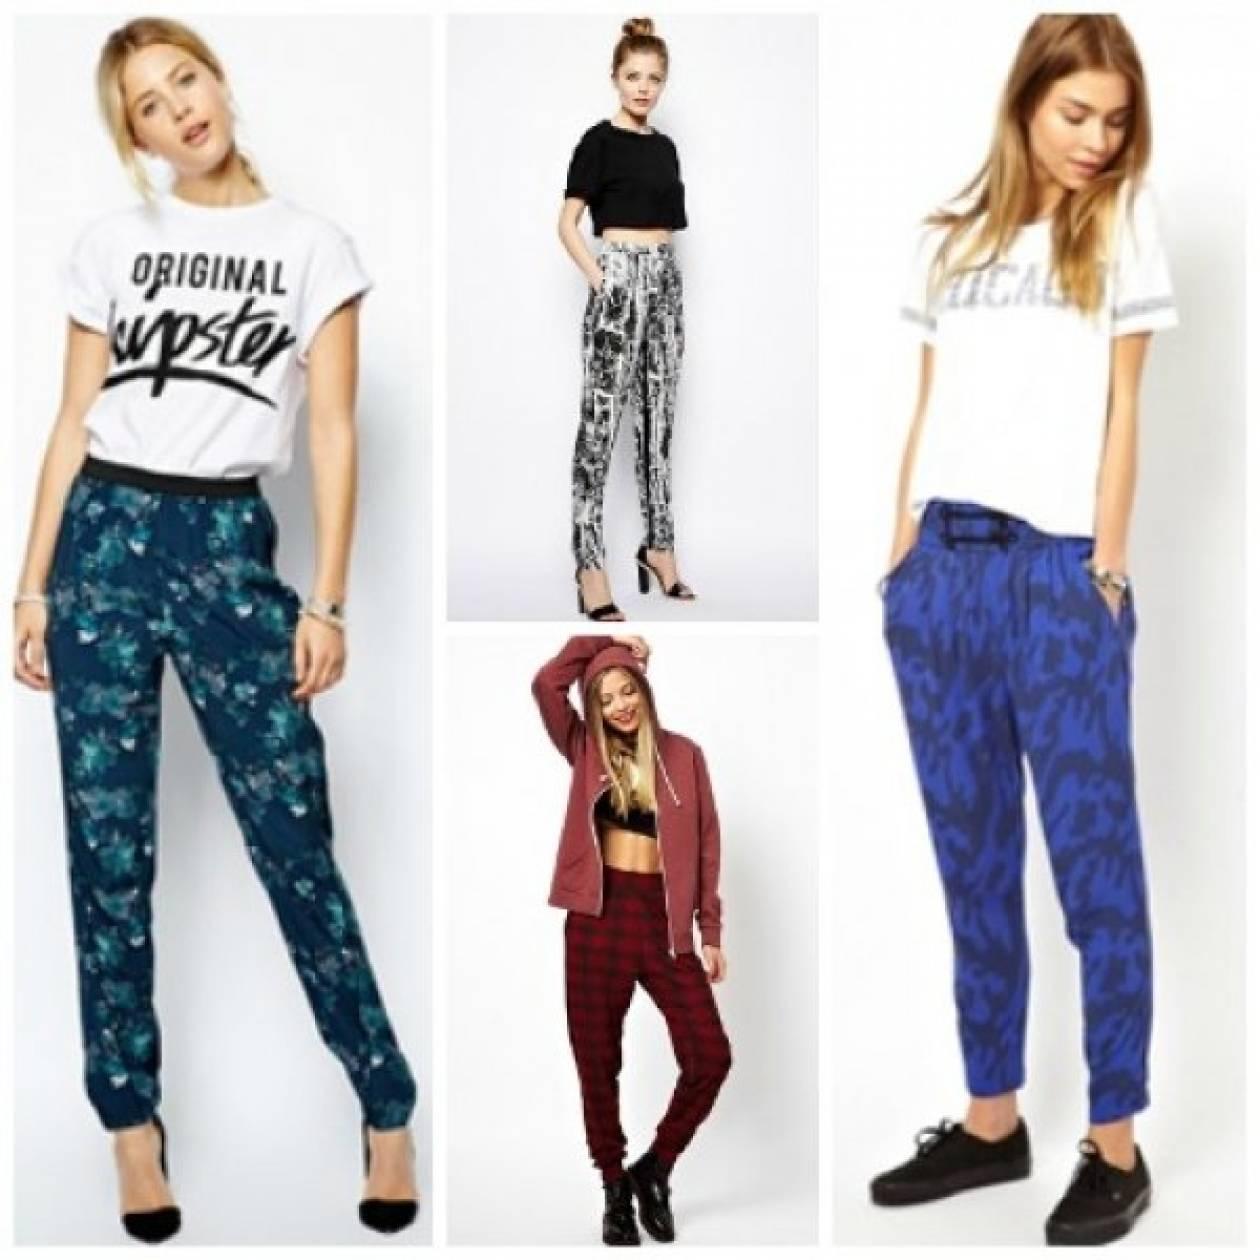 Βρίσκουμε στην αναγνώστριά μας stylish printed παντελόνια